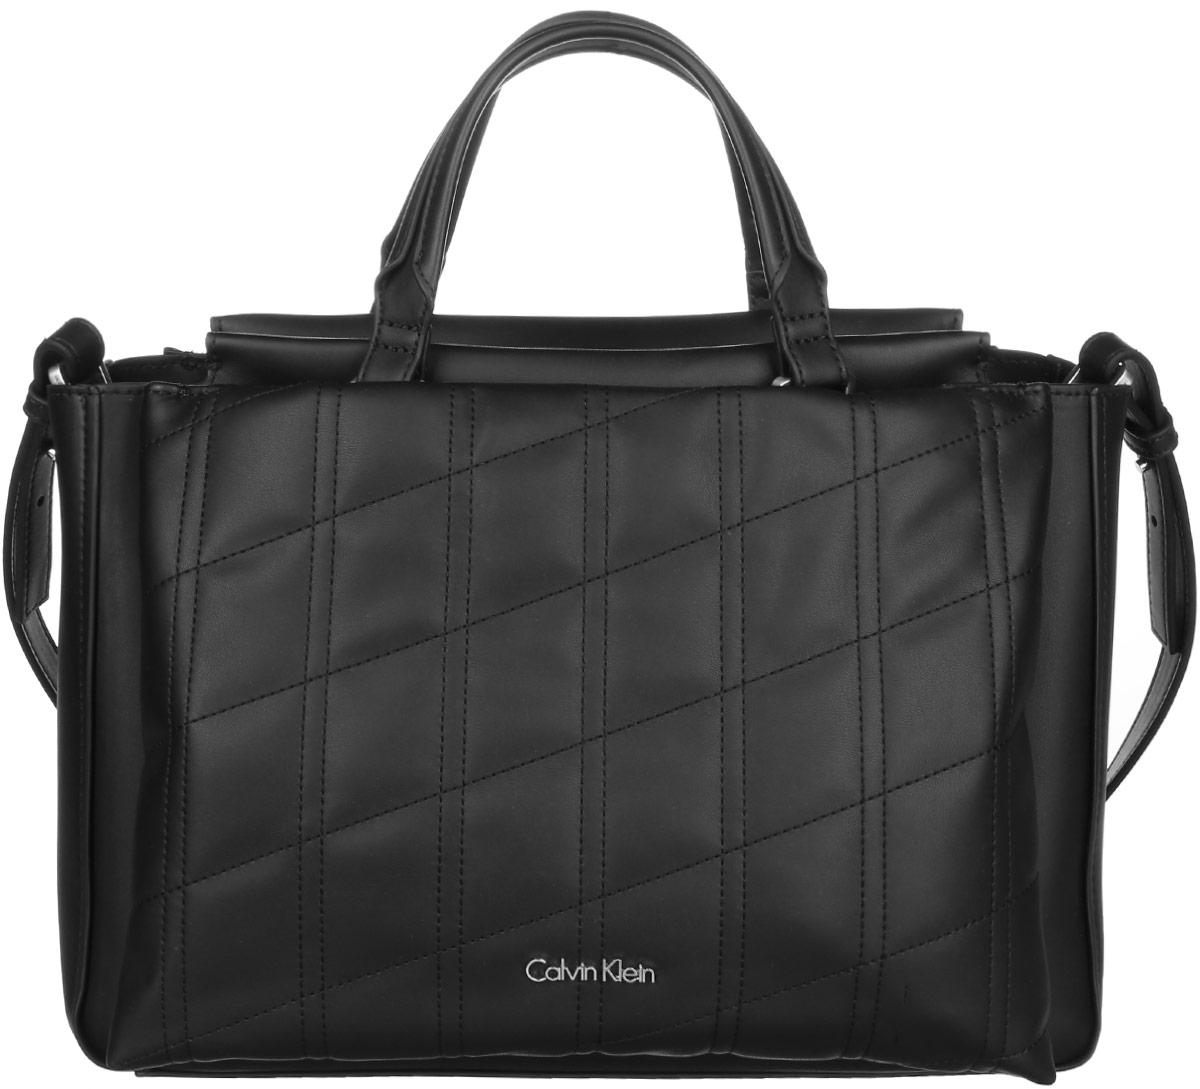 Сумка женская Calvin Klein Jeans, цвет: черный. K60K602088_001023008Стильная сумка Calvin Klein Jeans выполнена из полиуретана. Изделие содержит одно большое отделение, которое закрывается на застежку-молнию. Внутри сумки размещен один накладной карман на застежке-молнии. Сумка оснащена плечевым ремнем регулируемой длины. Снаружи спереди и сзади сумка оснащена большими накладными карманами на магнитных замках. Оформлена модель металлической пластиной с названием бренда и небольшим брелоком. В комплекте с изделием поставляется чехол для хранения.